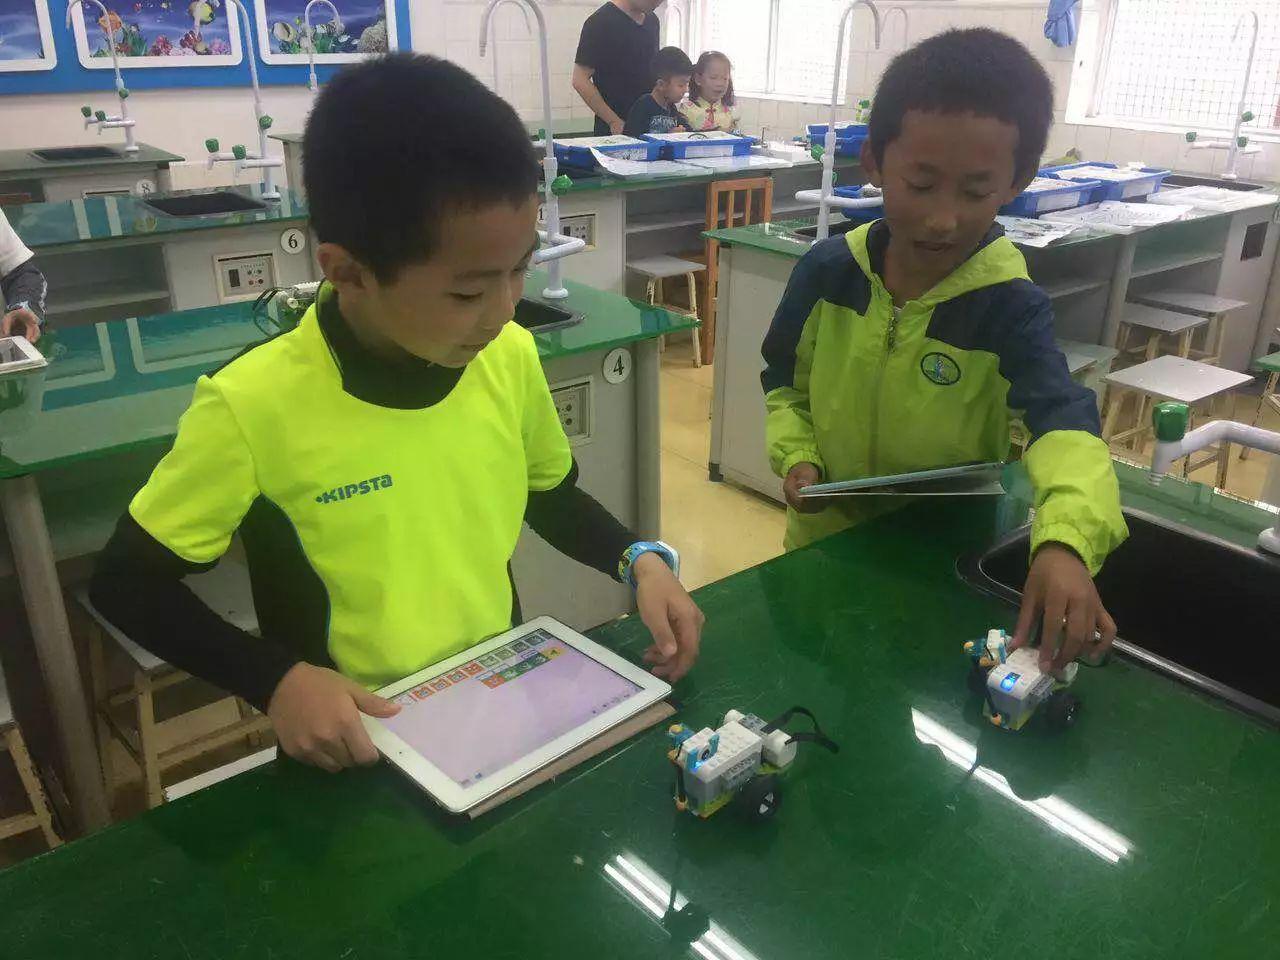 云南stem创客空间寒假机器人班招生啦